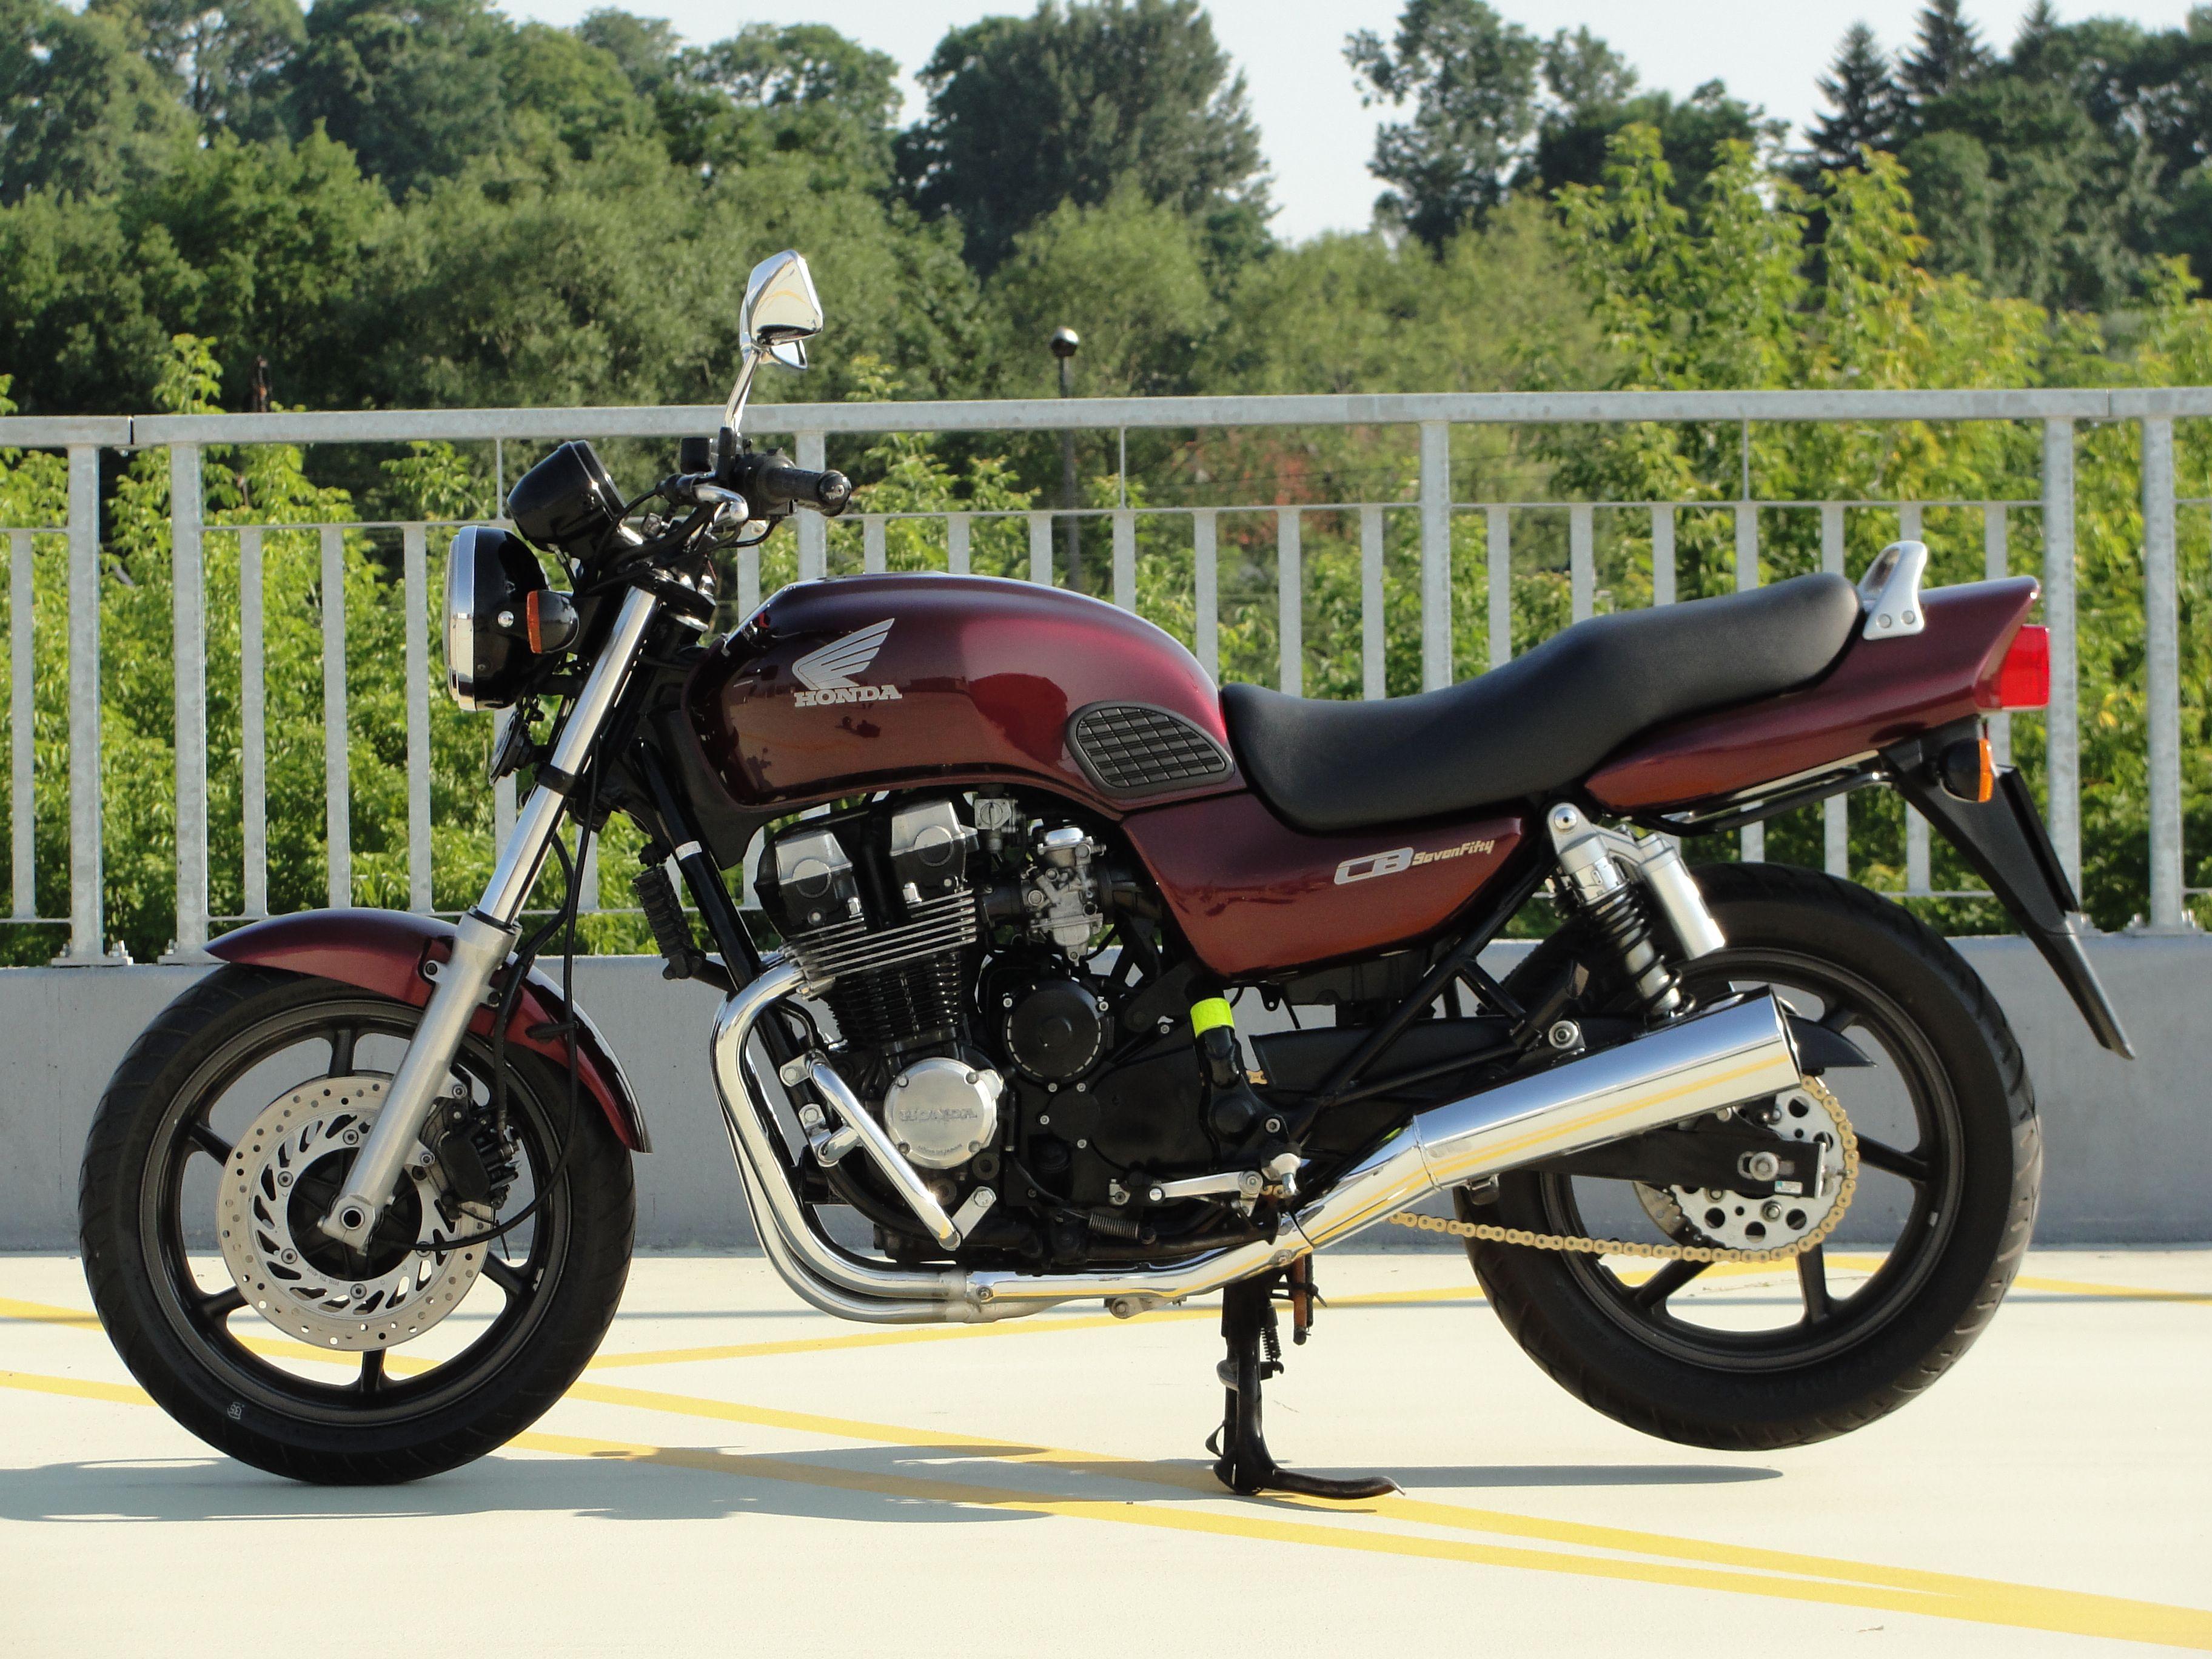 Honda cb 900 hornet nice bikes and cars pinterest honda cb honda and cars